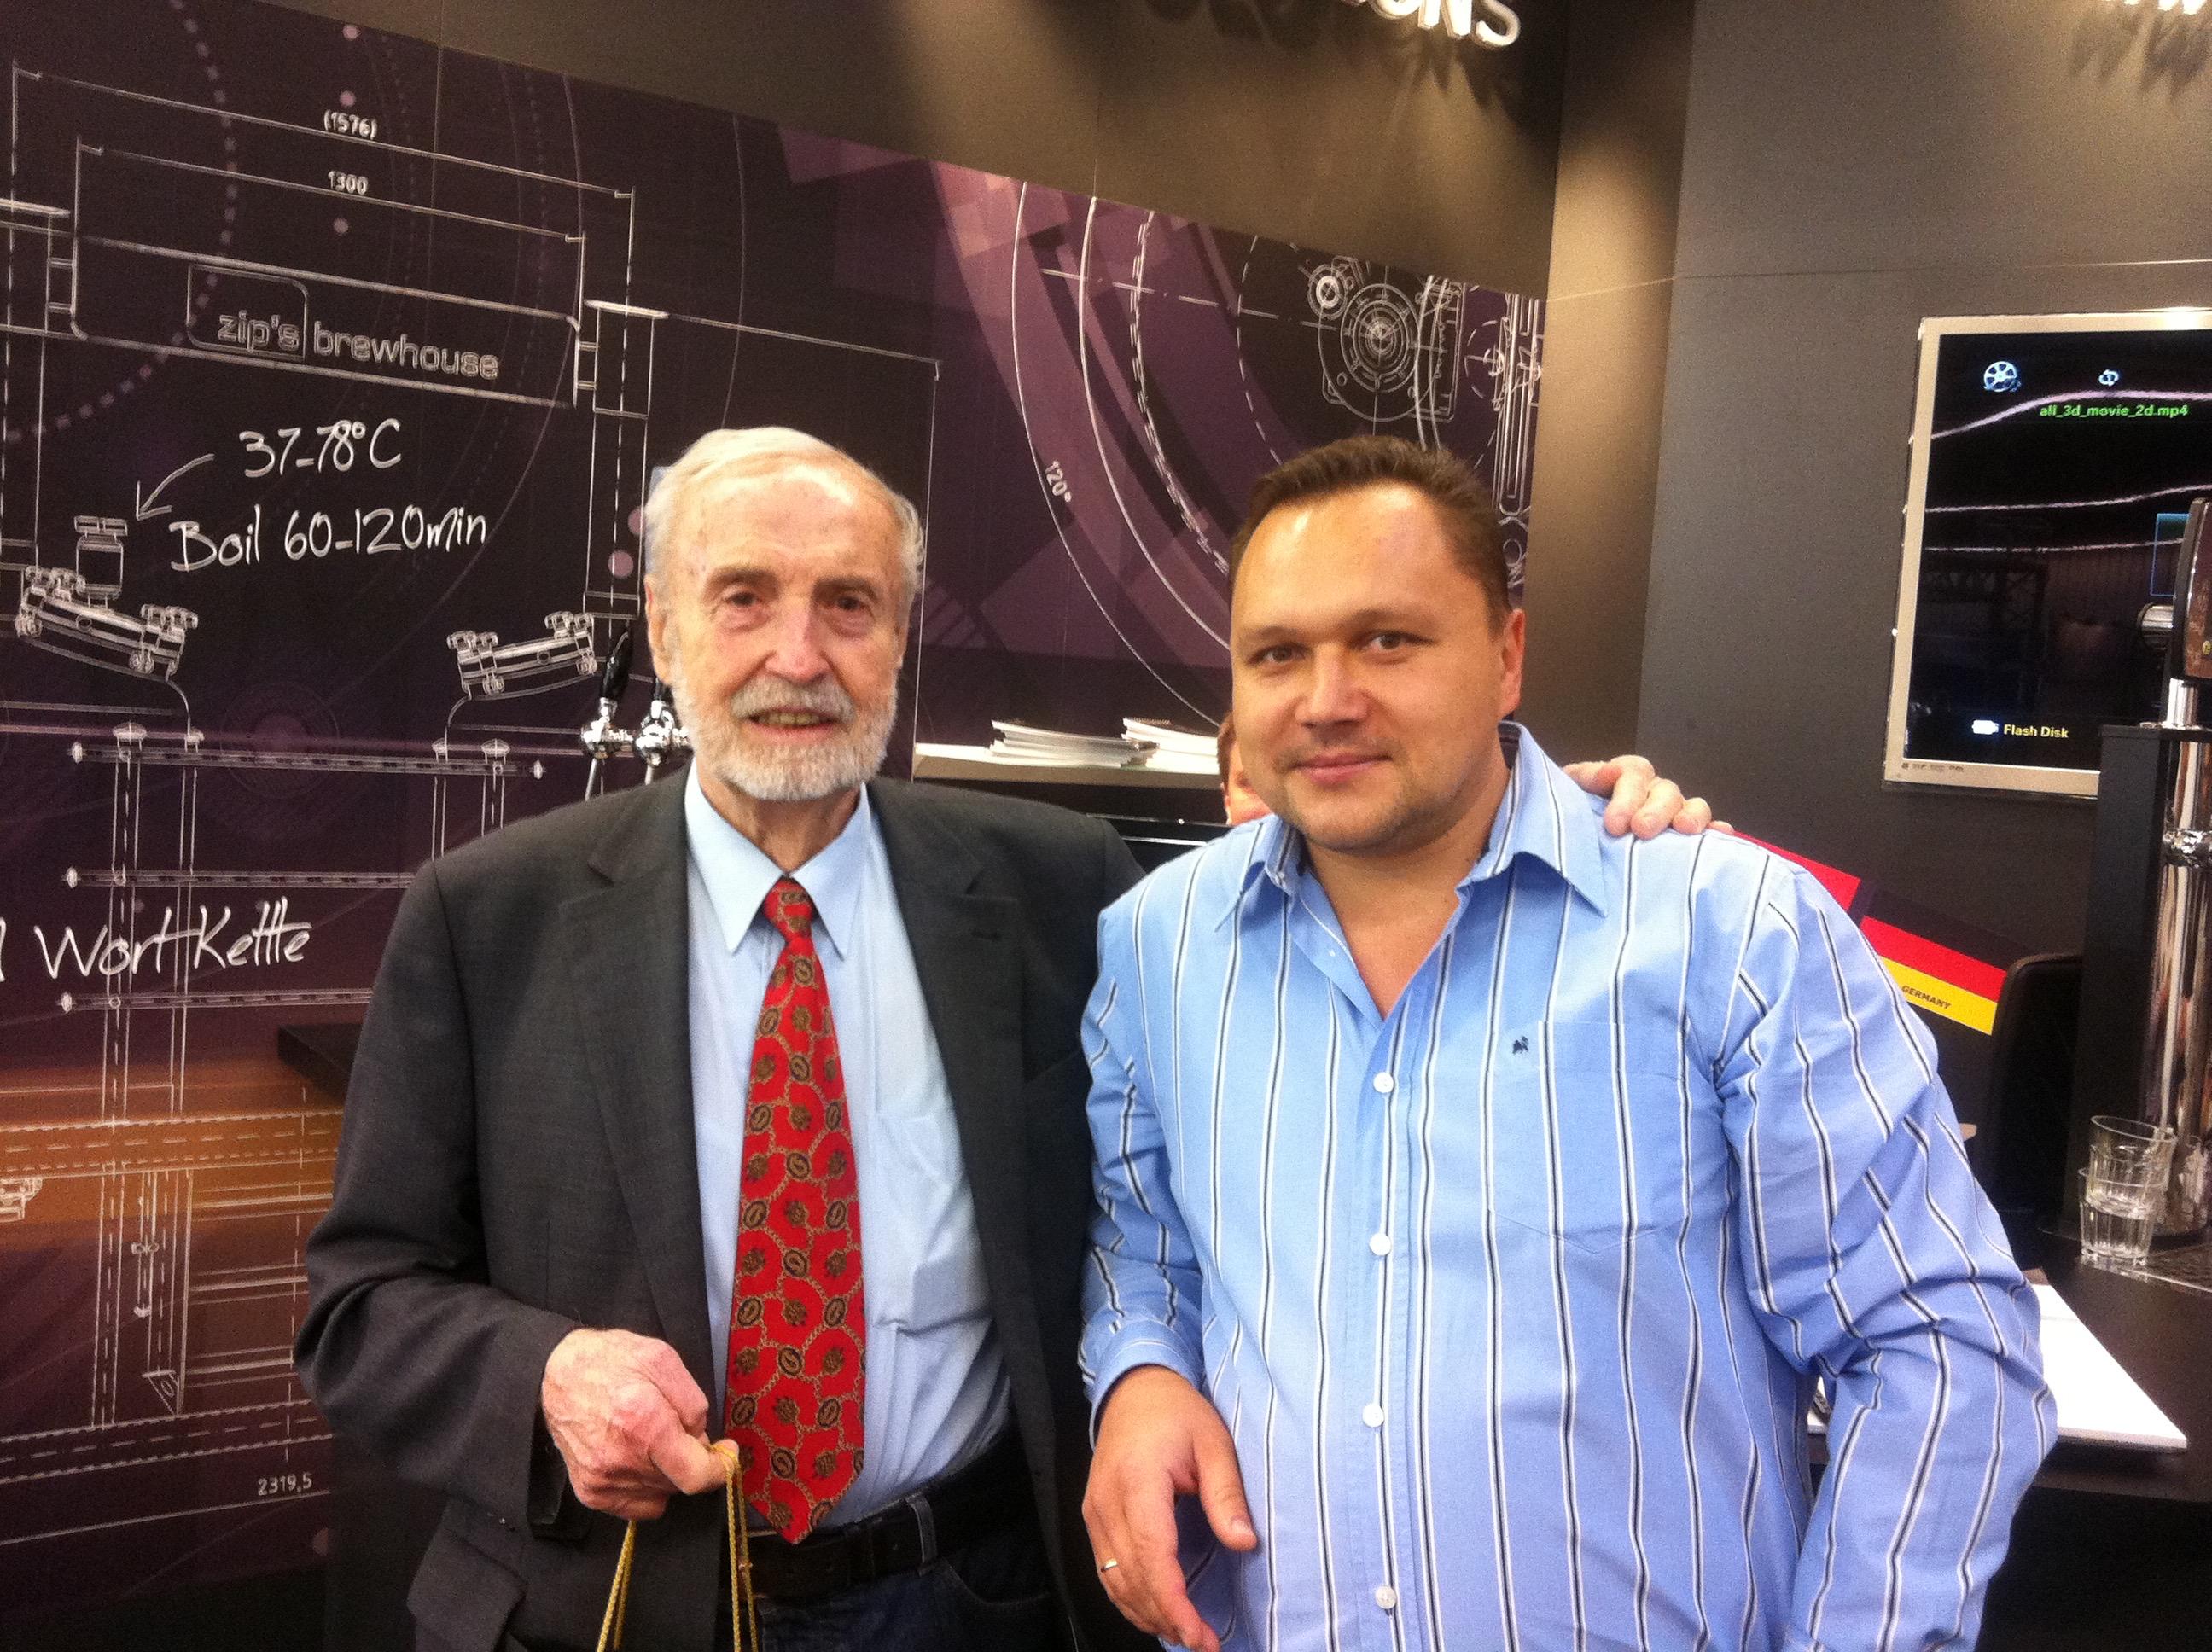 На выставке в Нюрнберге с автором библии пивоваров «Технология солода и пива» Вольфгангом Кунце